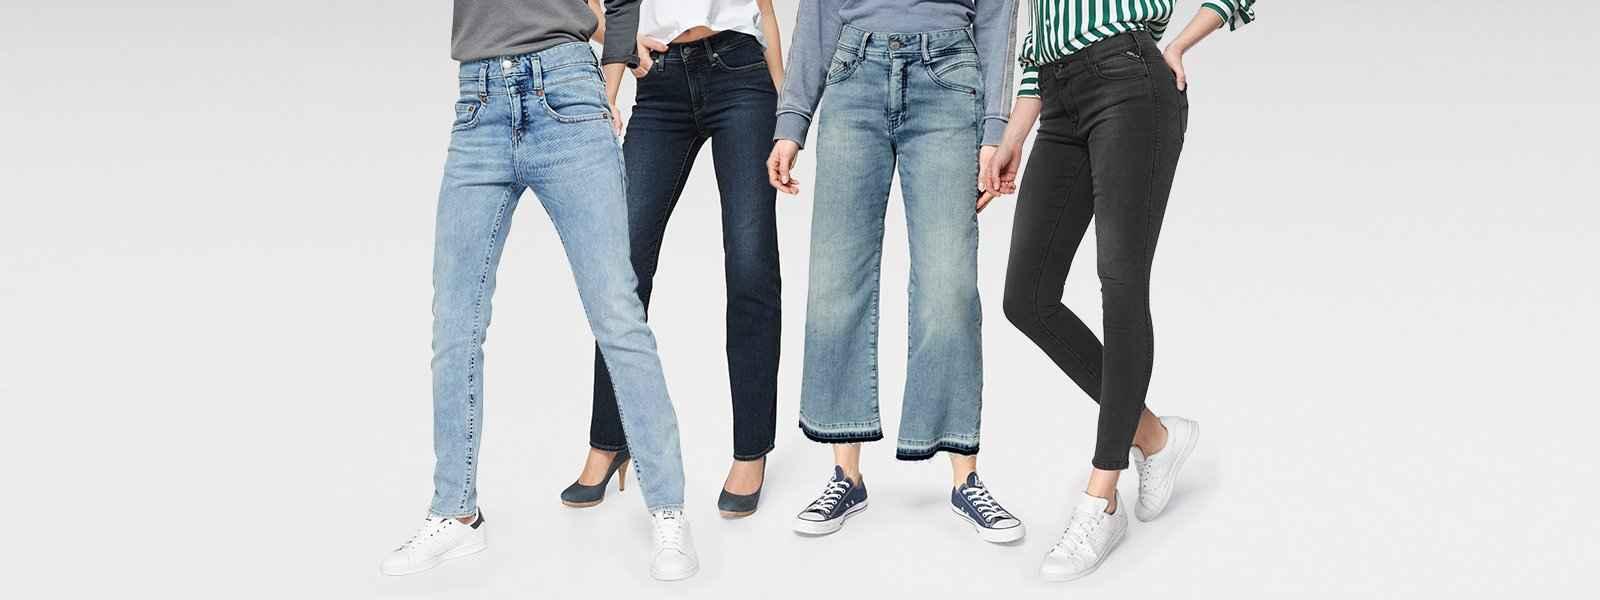 Jeansberatung für sie